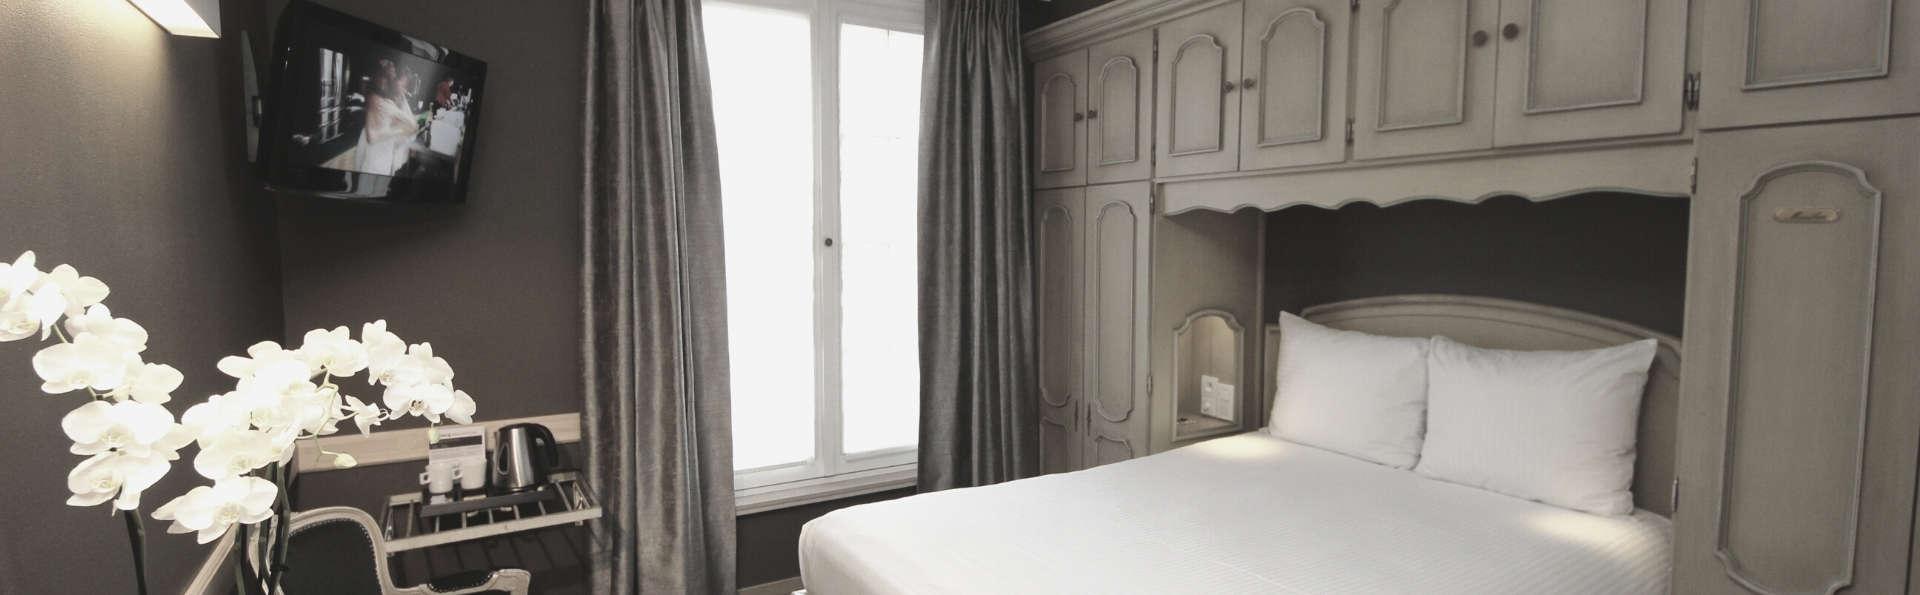 Visitez Gand et séjournez dans un hôtel charmant avec jardin